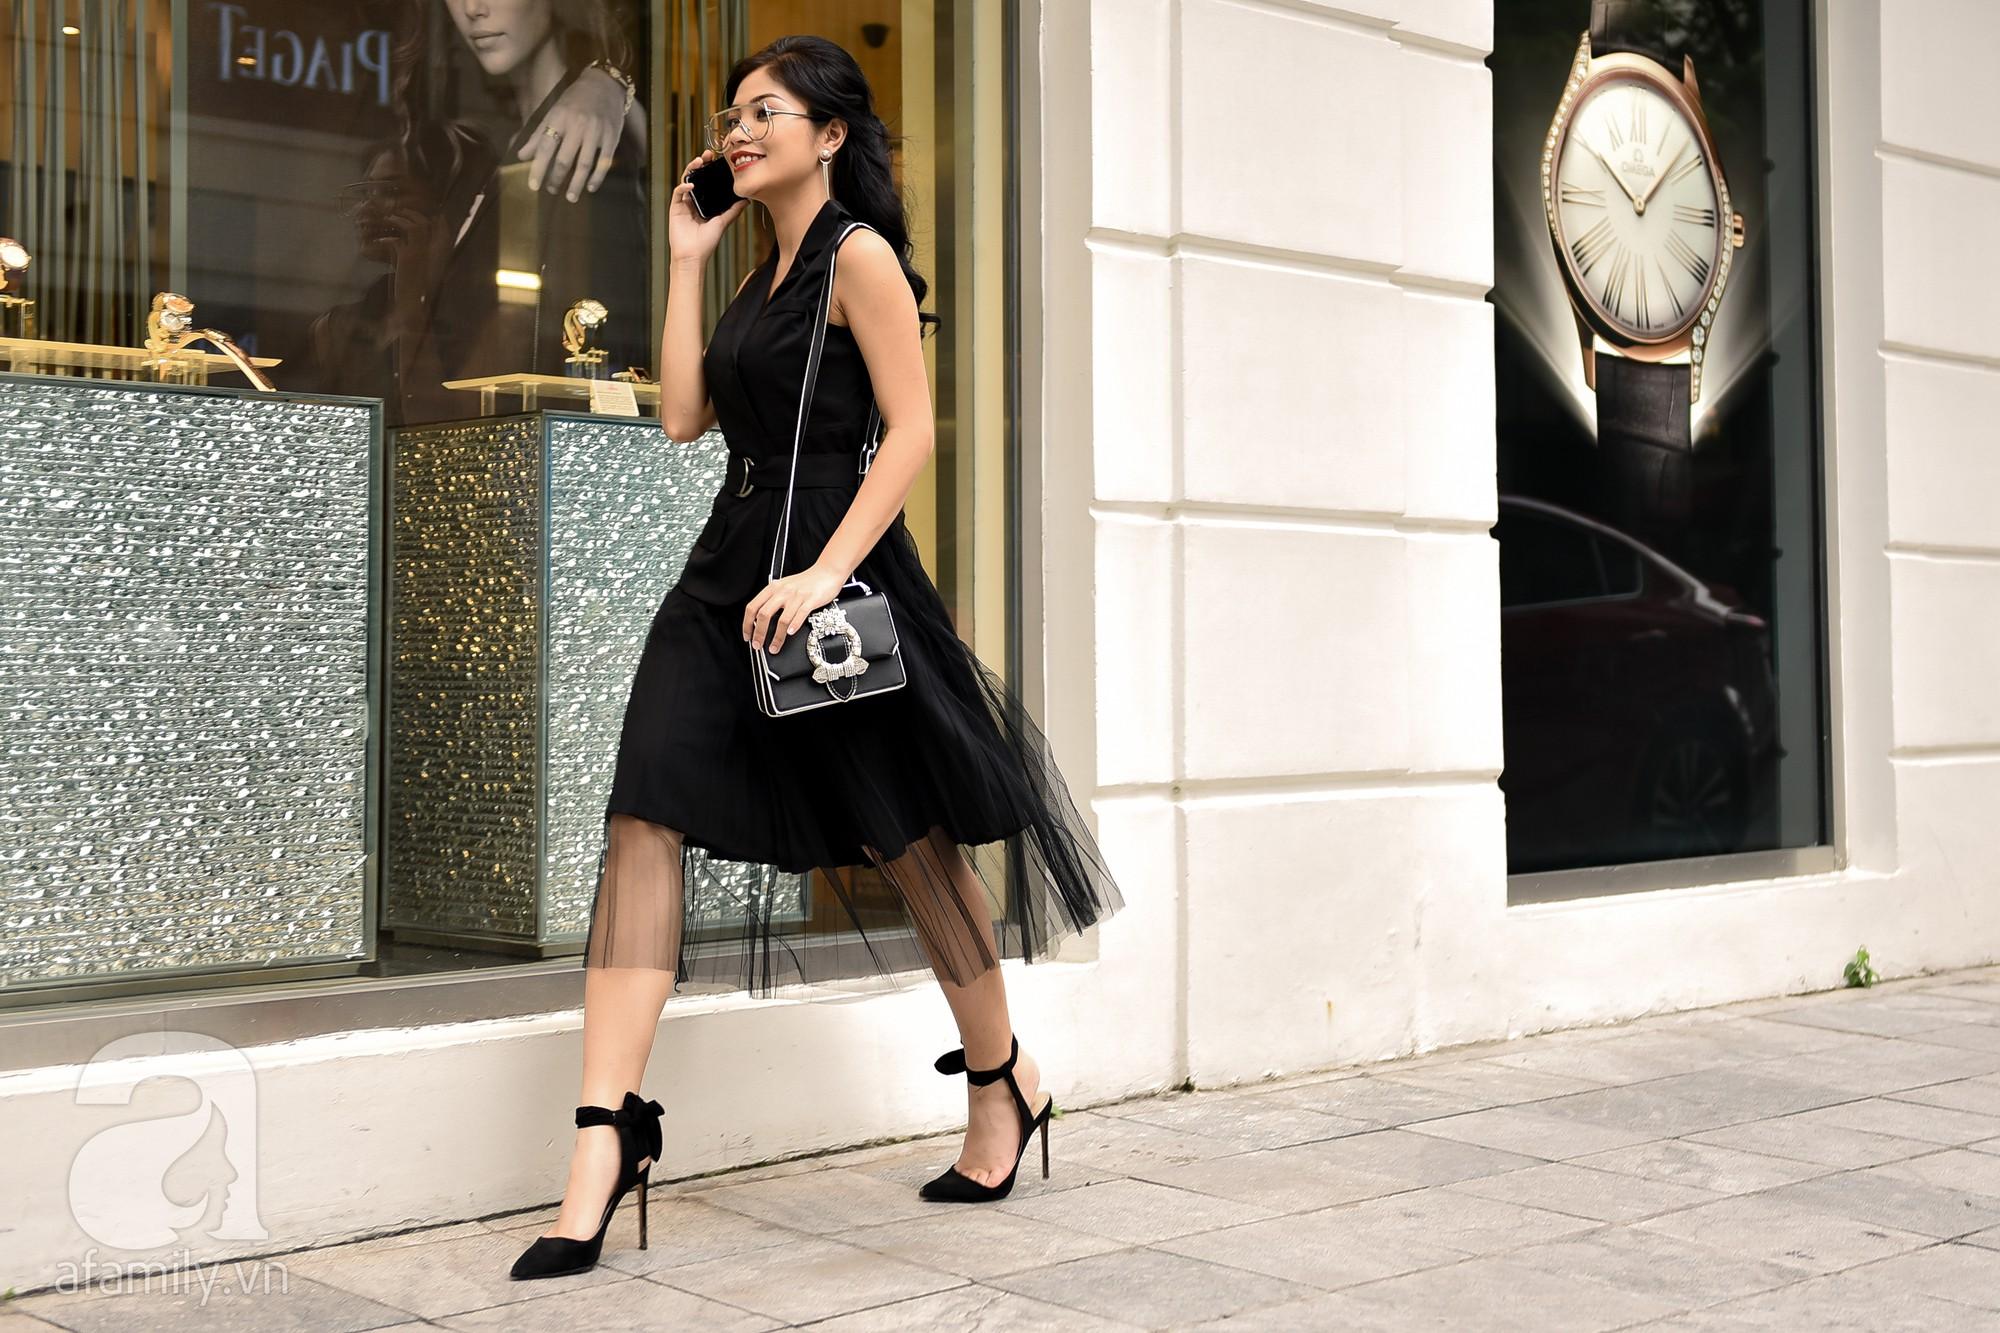 Có ai diện phụ kiện vừa chất vừa điệu như các quý cô miền Bắc trong street style tuần này - Ảnh 10.